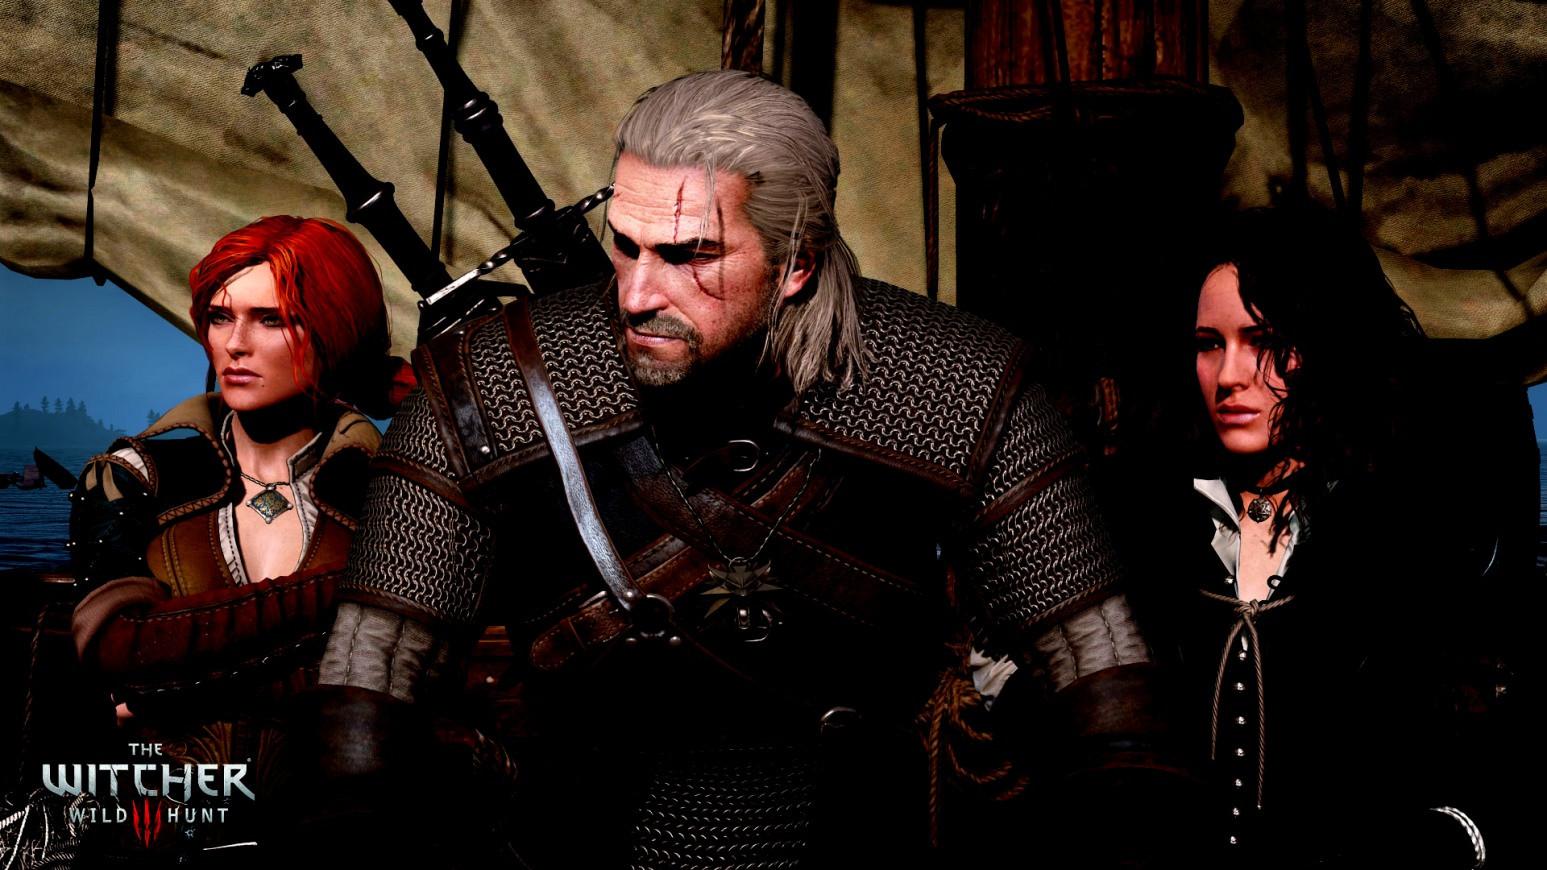 The Witcher 3 Frisuren  Inspirierende Witcher 3 Bart Und Frisuren Set The Bärte